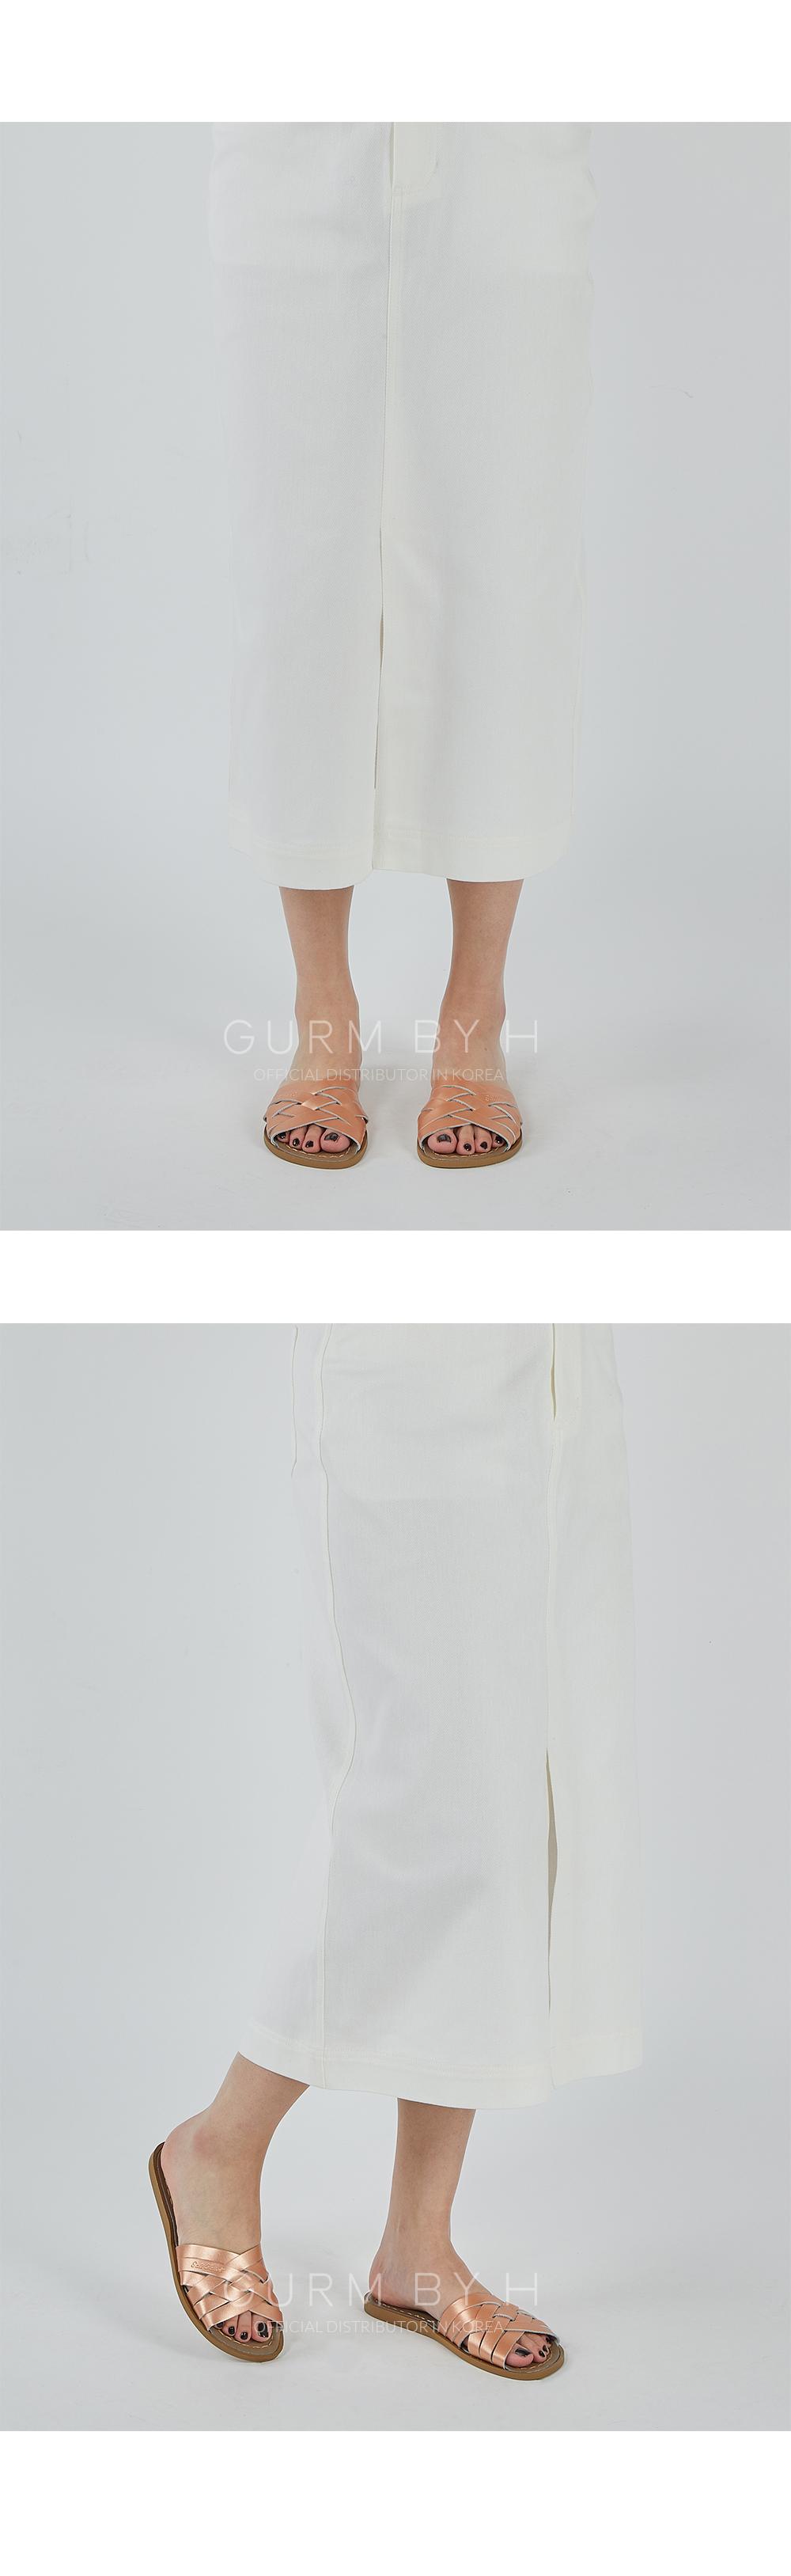 retro-slide-로즈골드